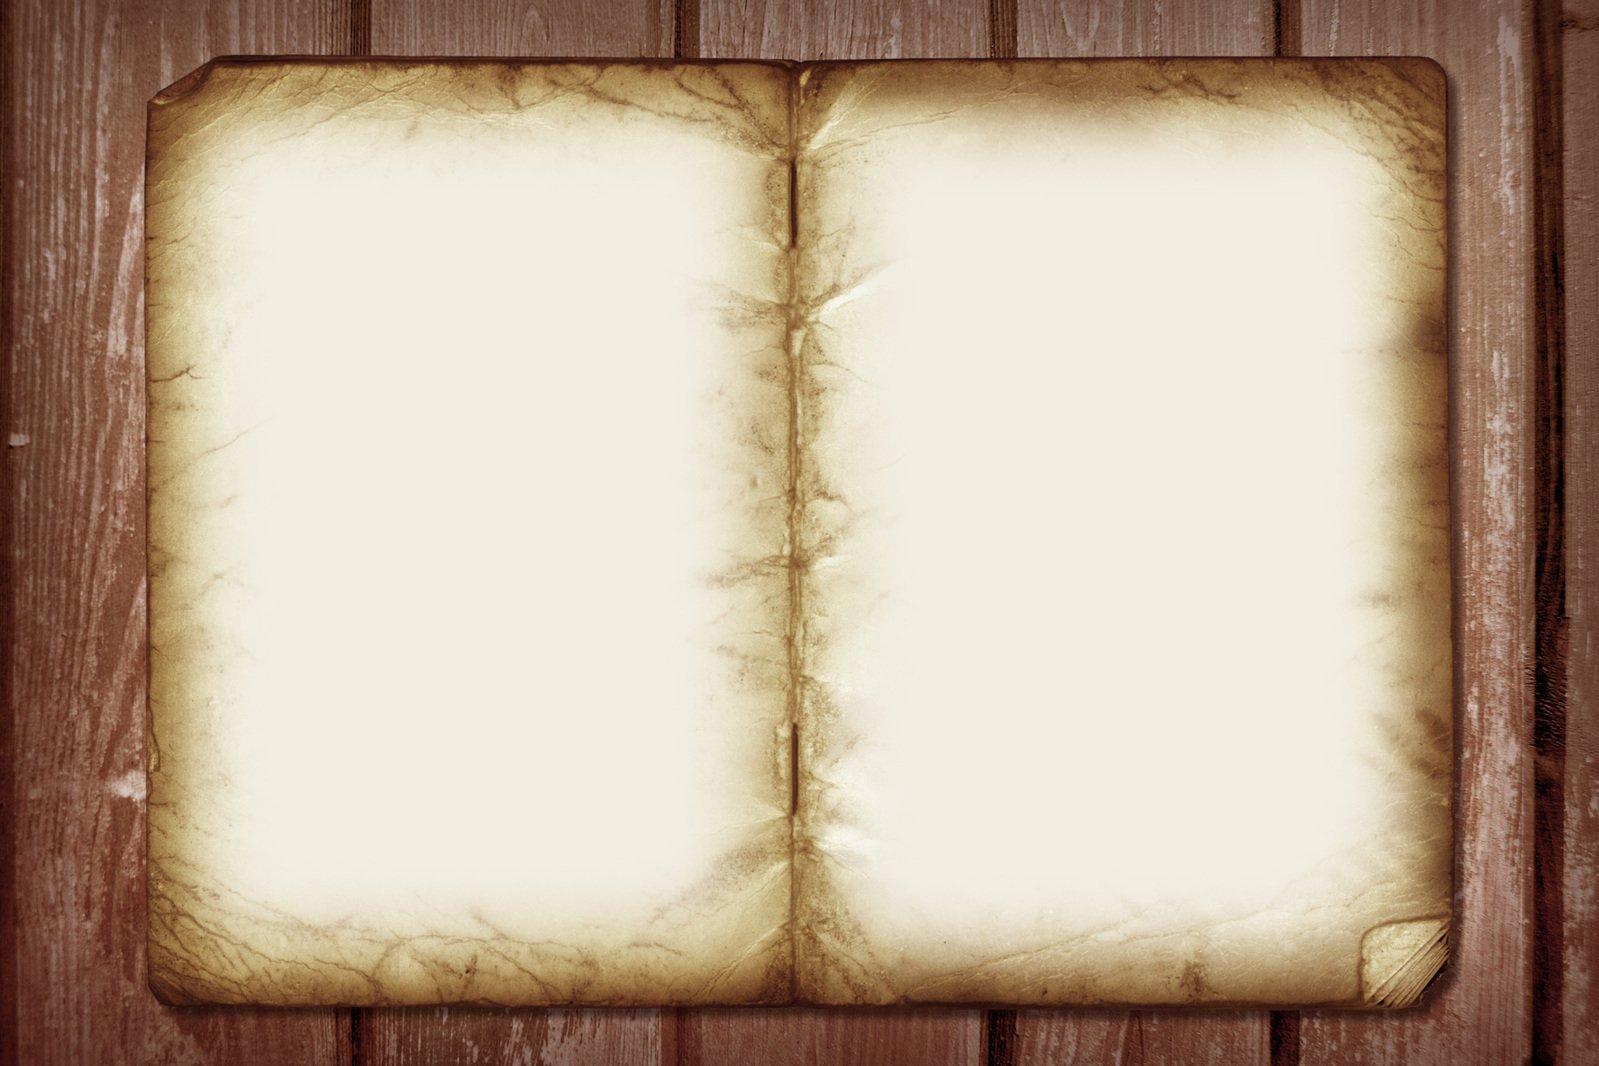 данные прошлый фон открытой книги фотошоп ведьмака это